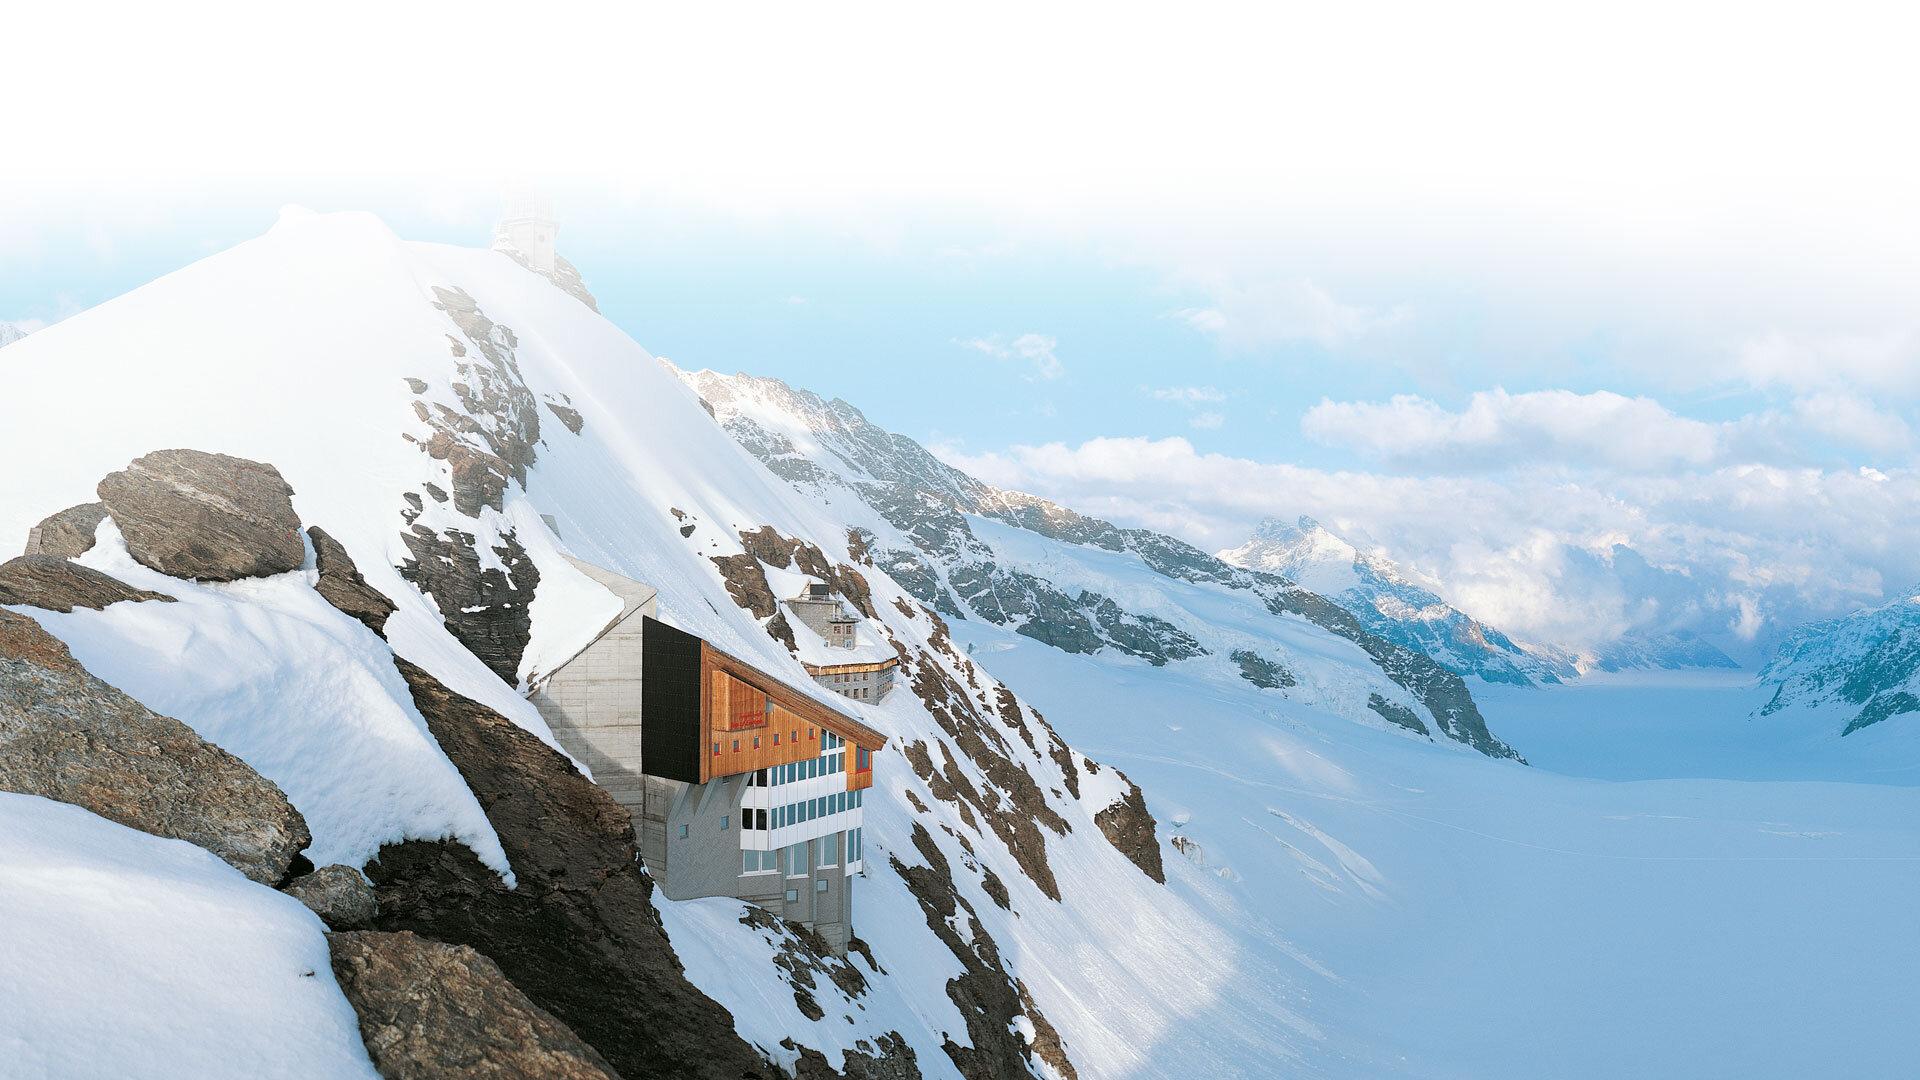 Jungfrauenjoch